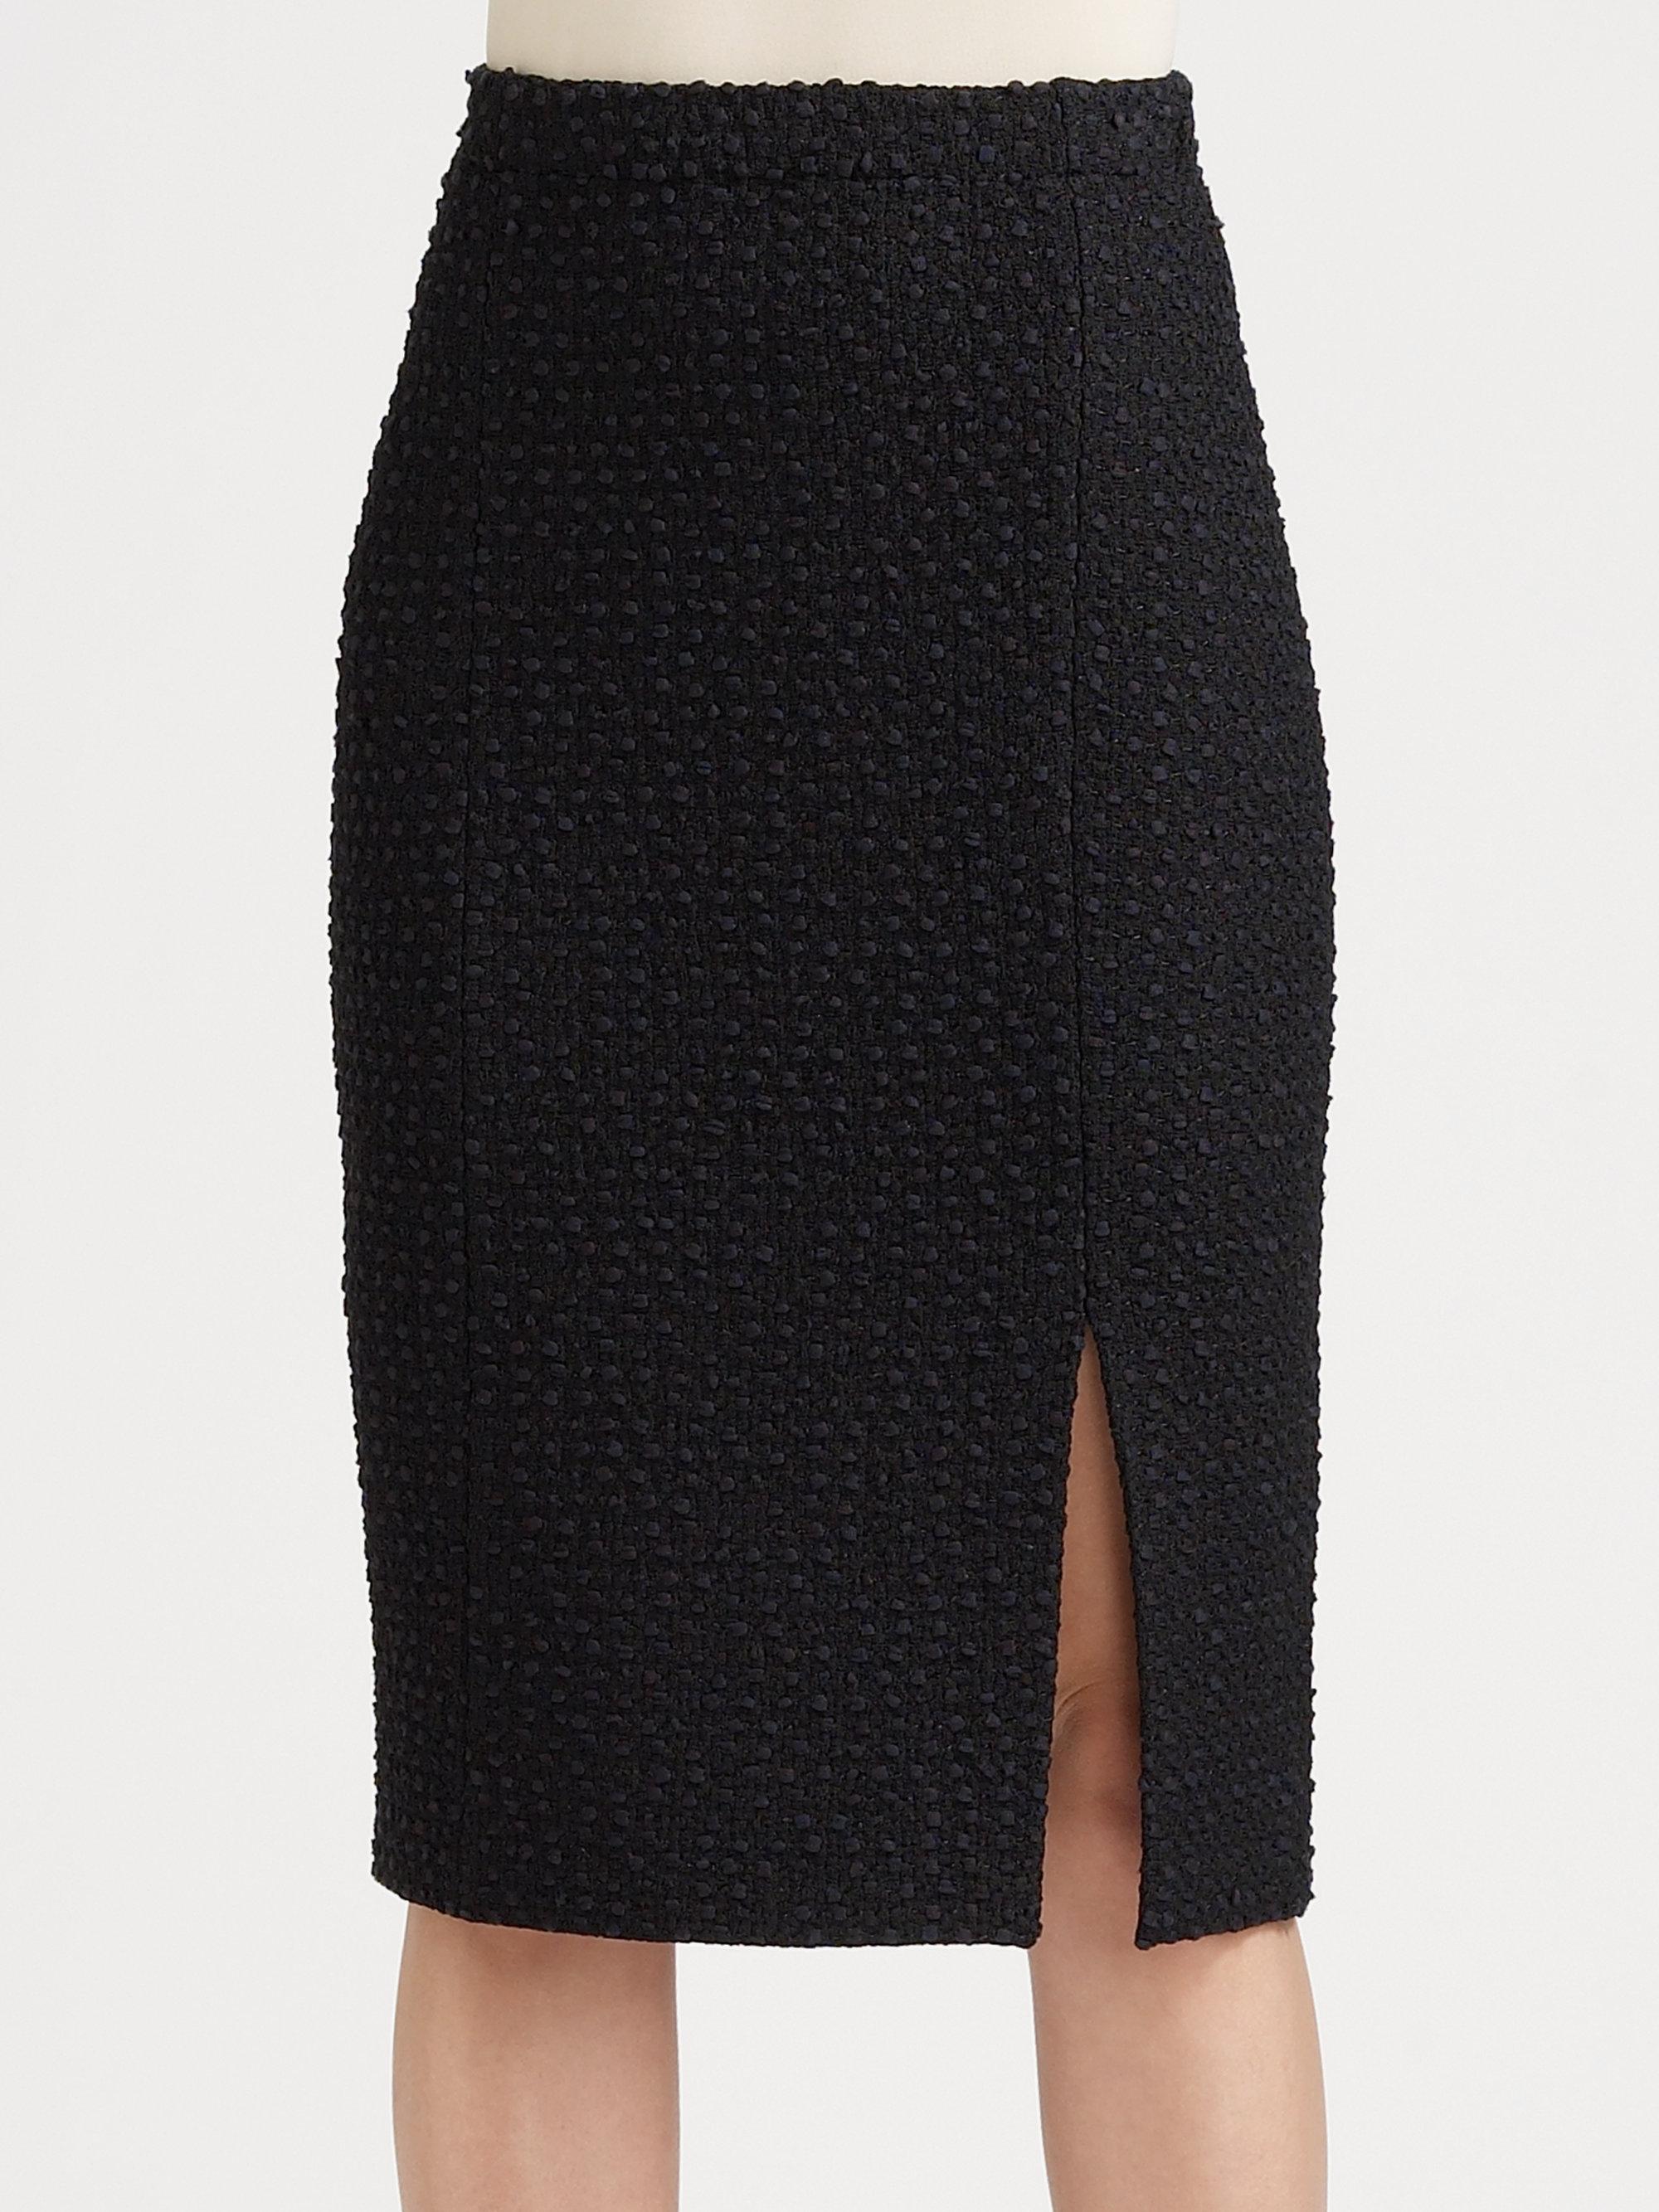 St. John Textured Knit Pencil Skirt in Black (caviar) | Lyst